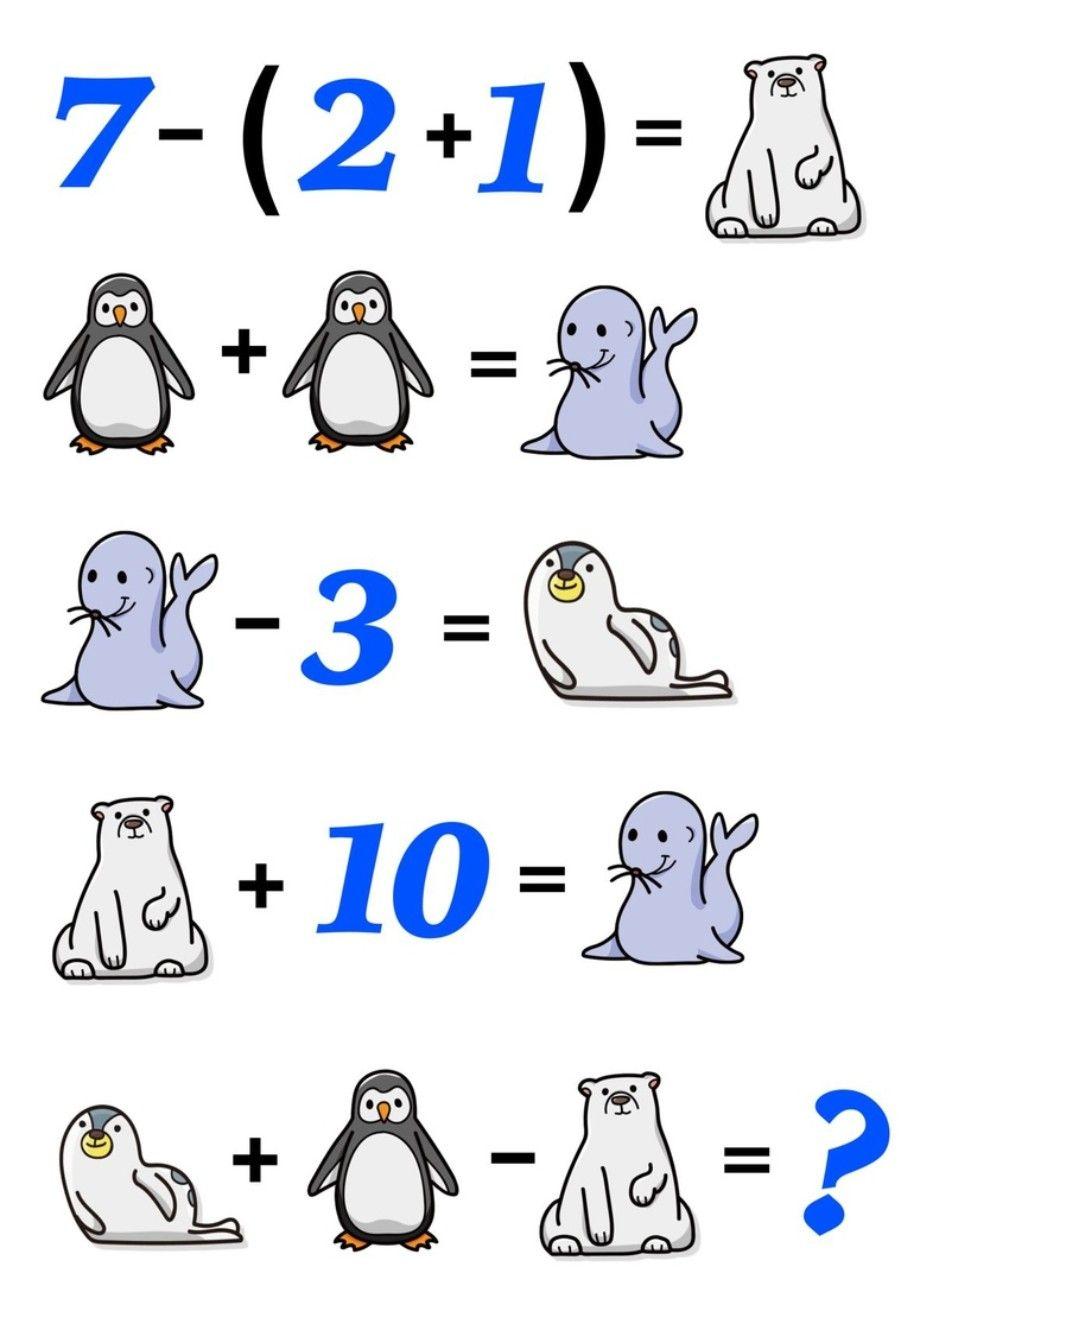 Задачи на логику и внимание картинки хорошо